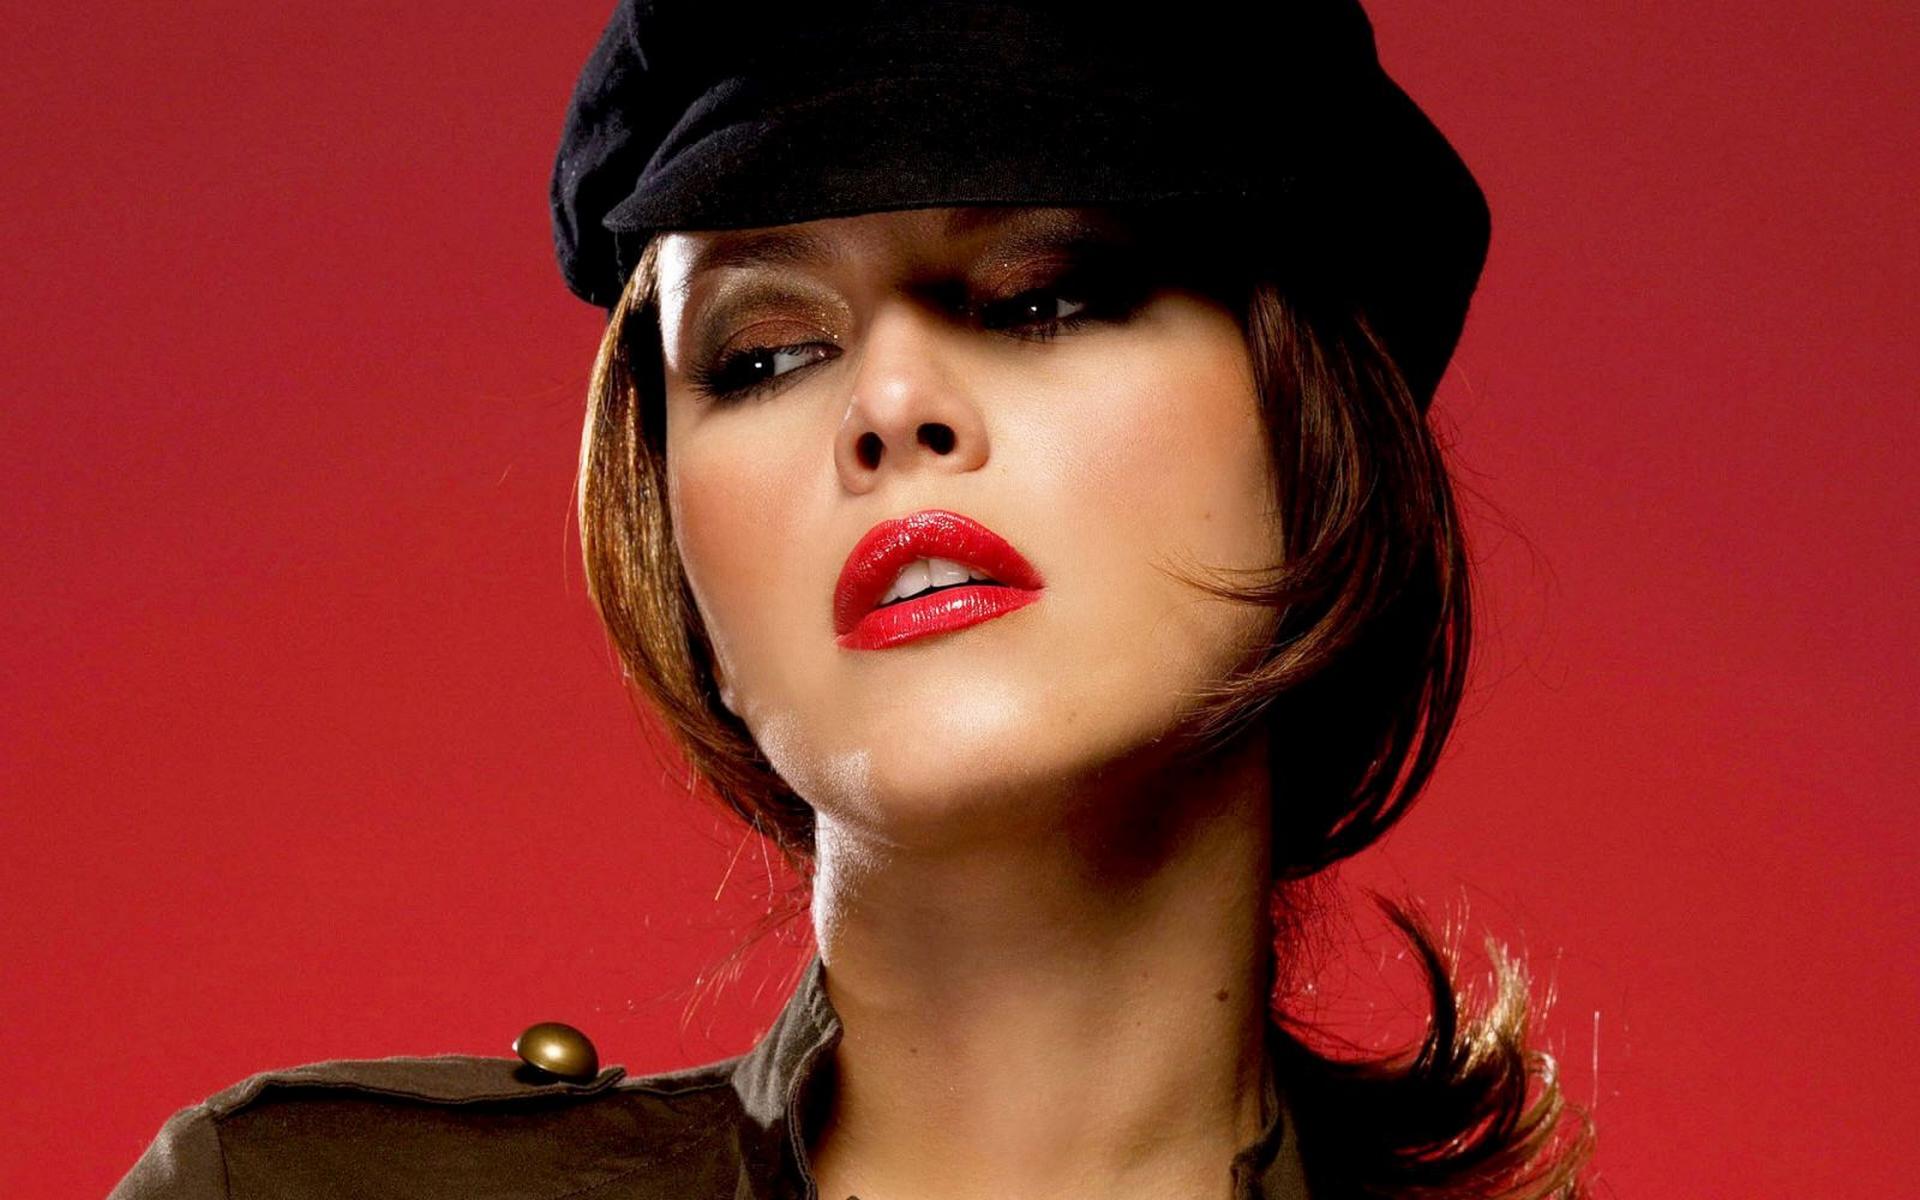 девушка красная шапка брюнетка лицо загрузить